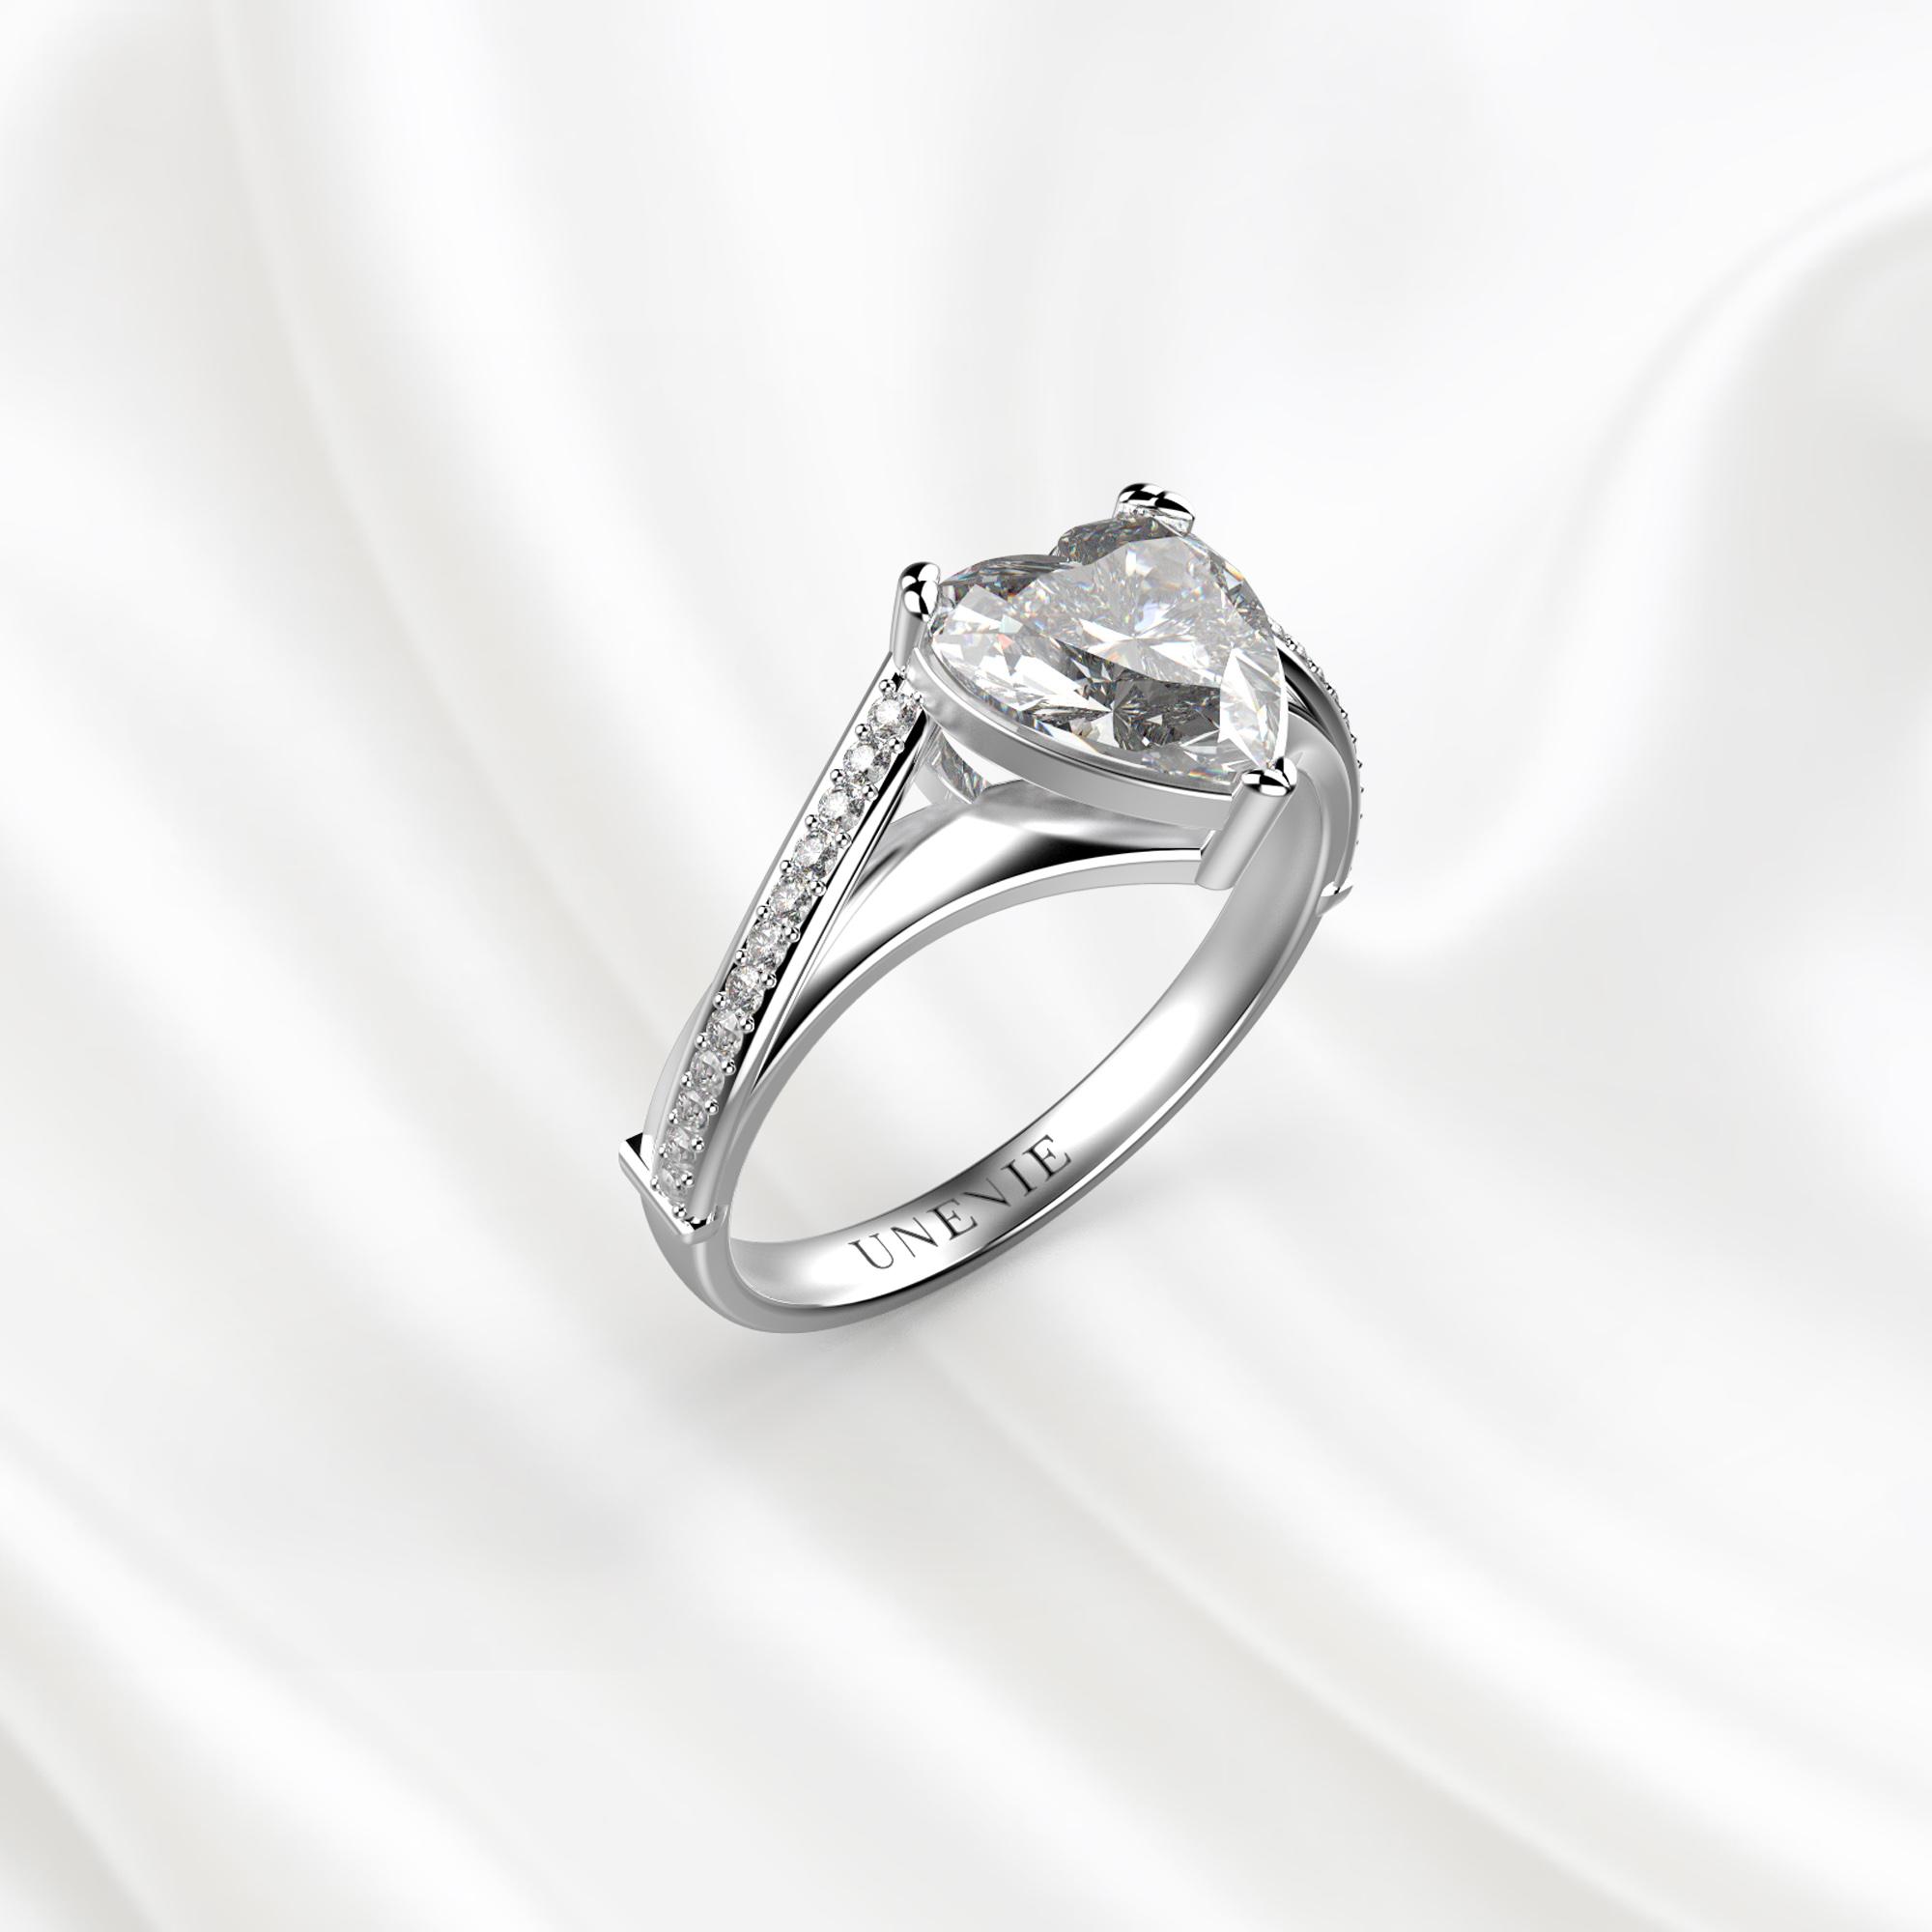 N20 Помолвочное кольцо из белого золота с бриллиантом 0.6 карат